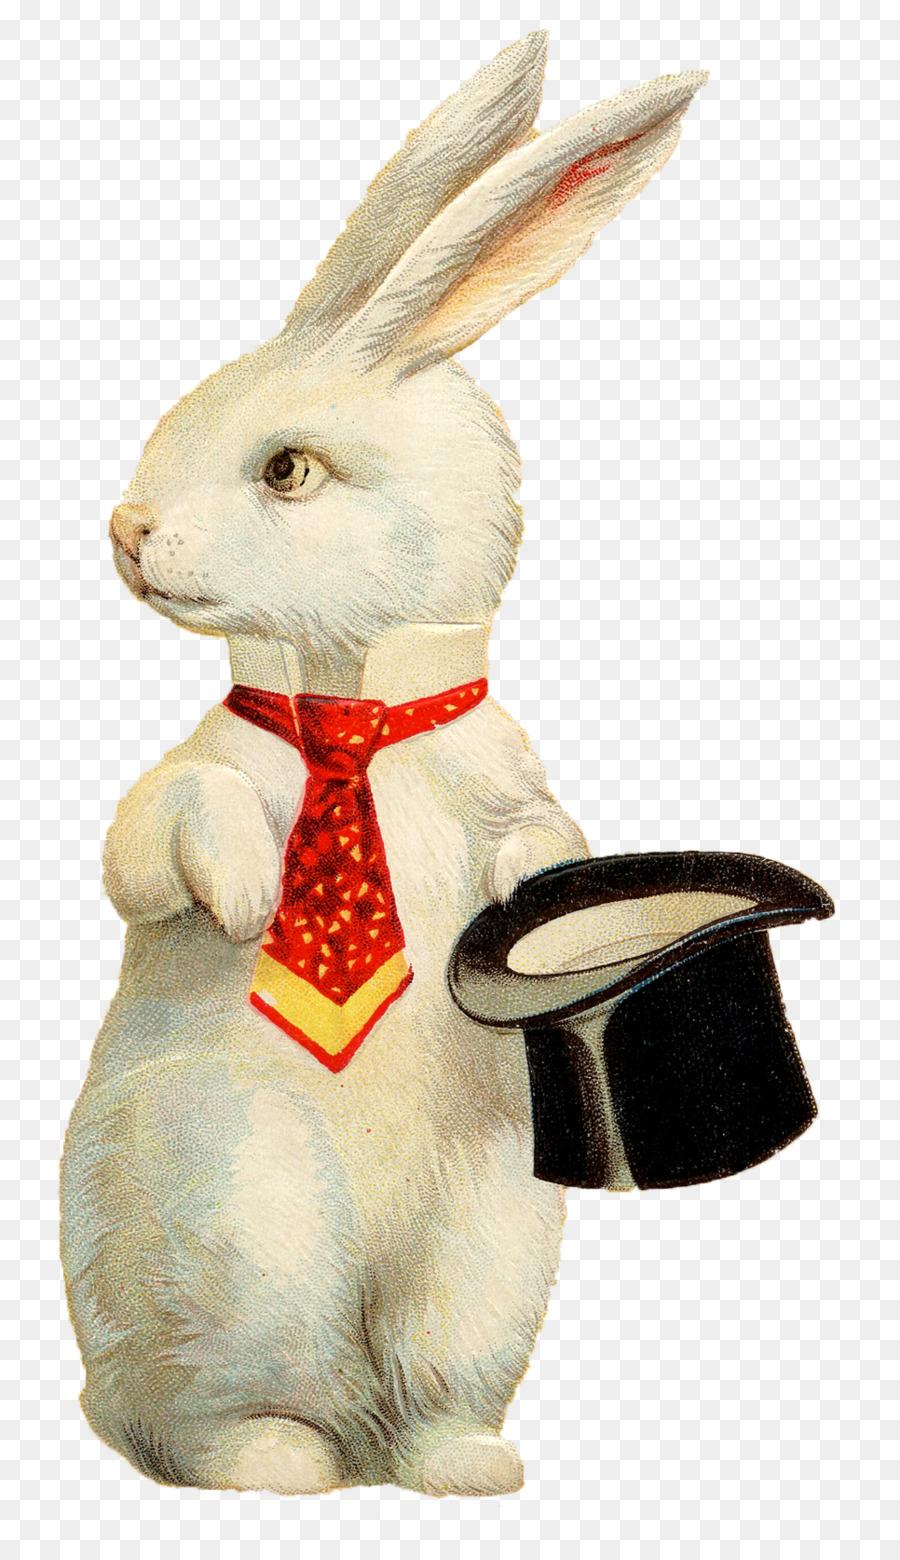 Сделать надписи, картинки открытки зайцы